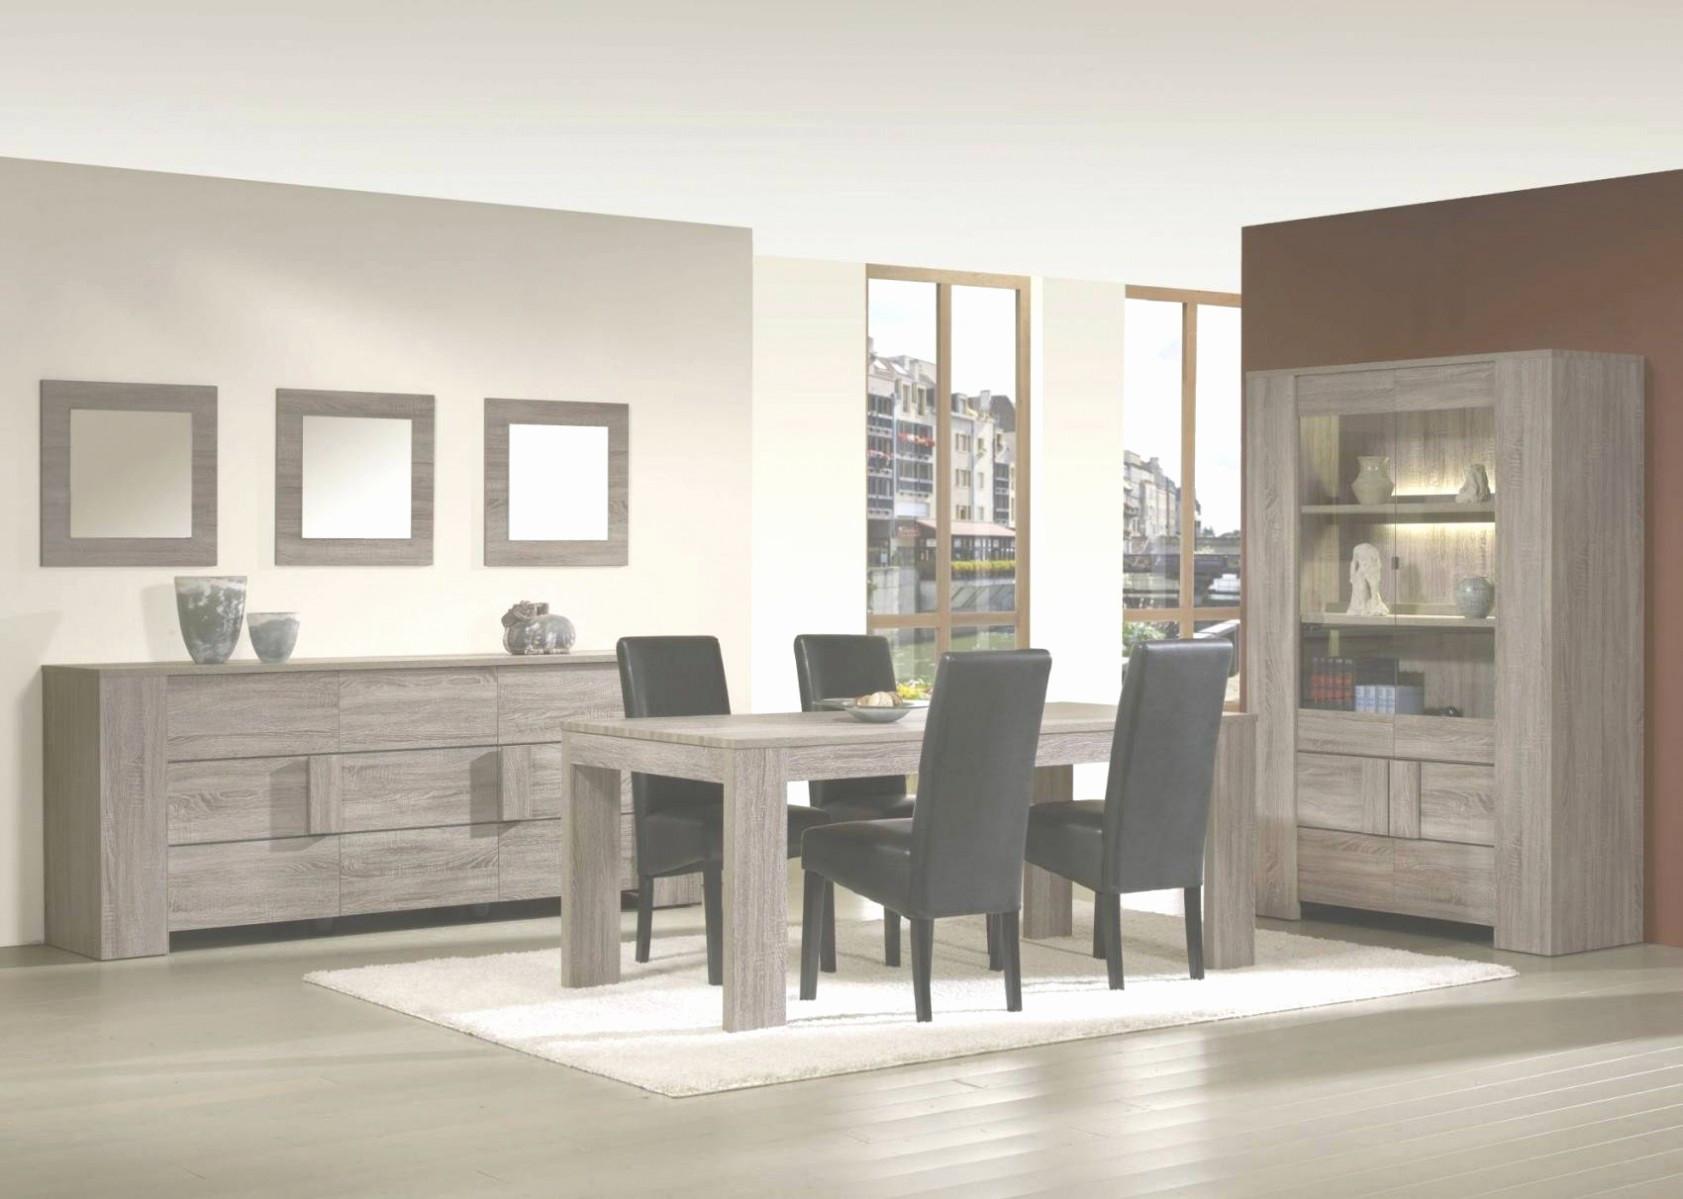 meuble de salon pas cher meuble de salon elegant lesmeubles meuble salon moderne meilleur de of meuble de salon pas cher